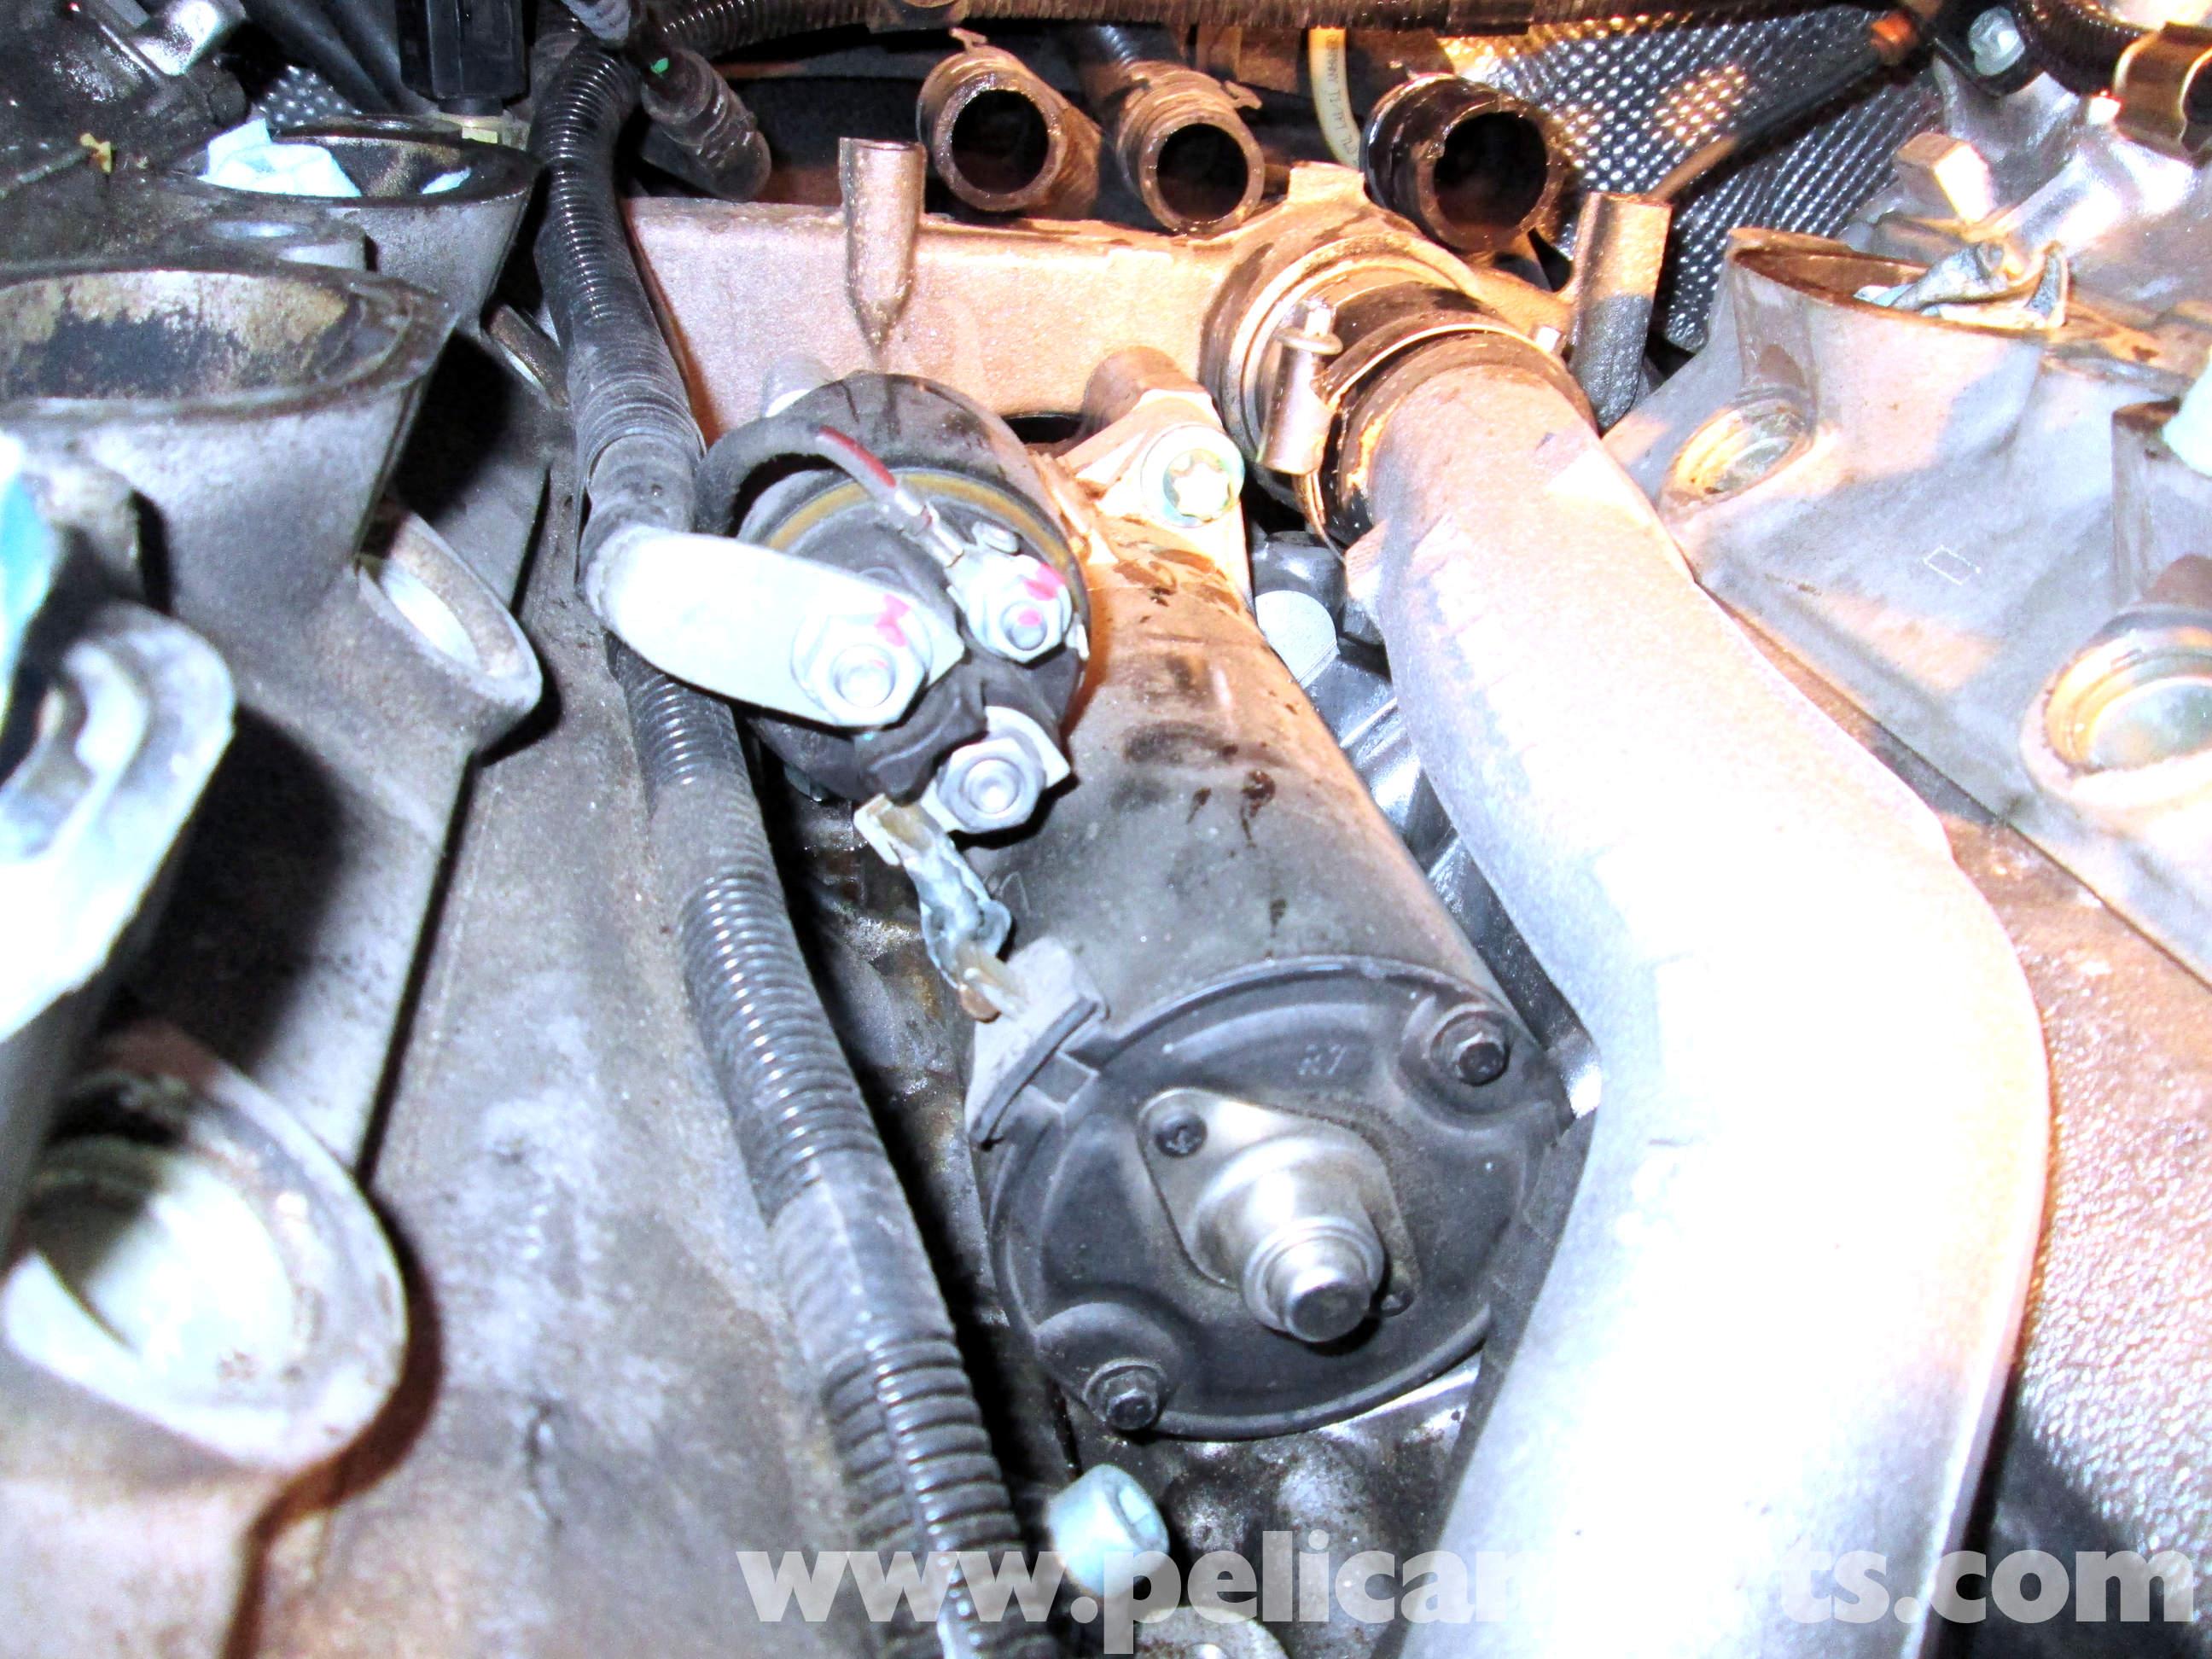 Porsche Cayenne Starter Replacement 2003 2008 Pelican